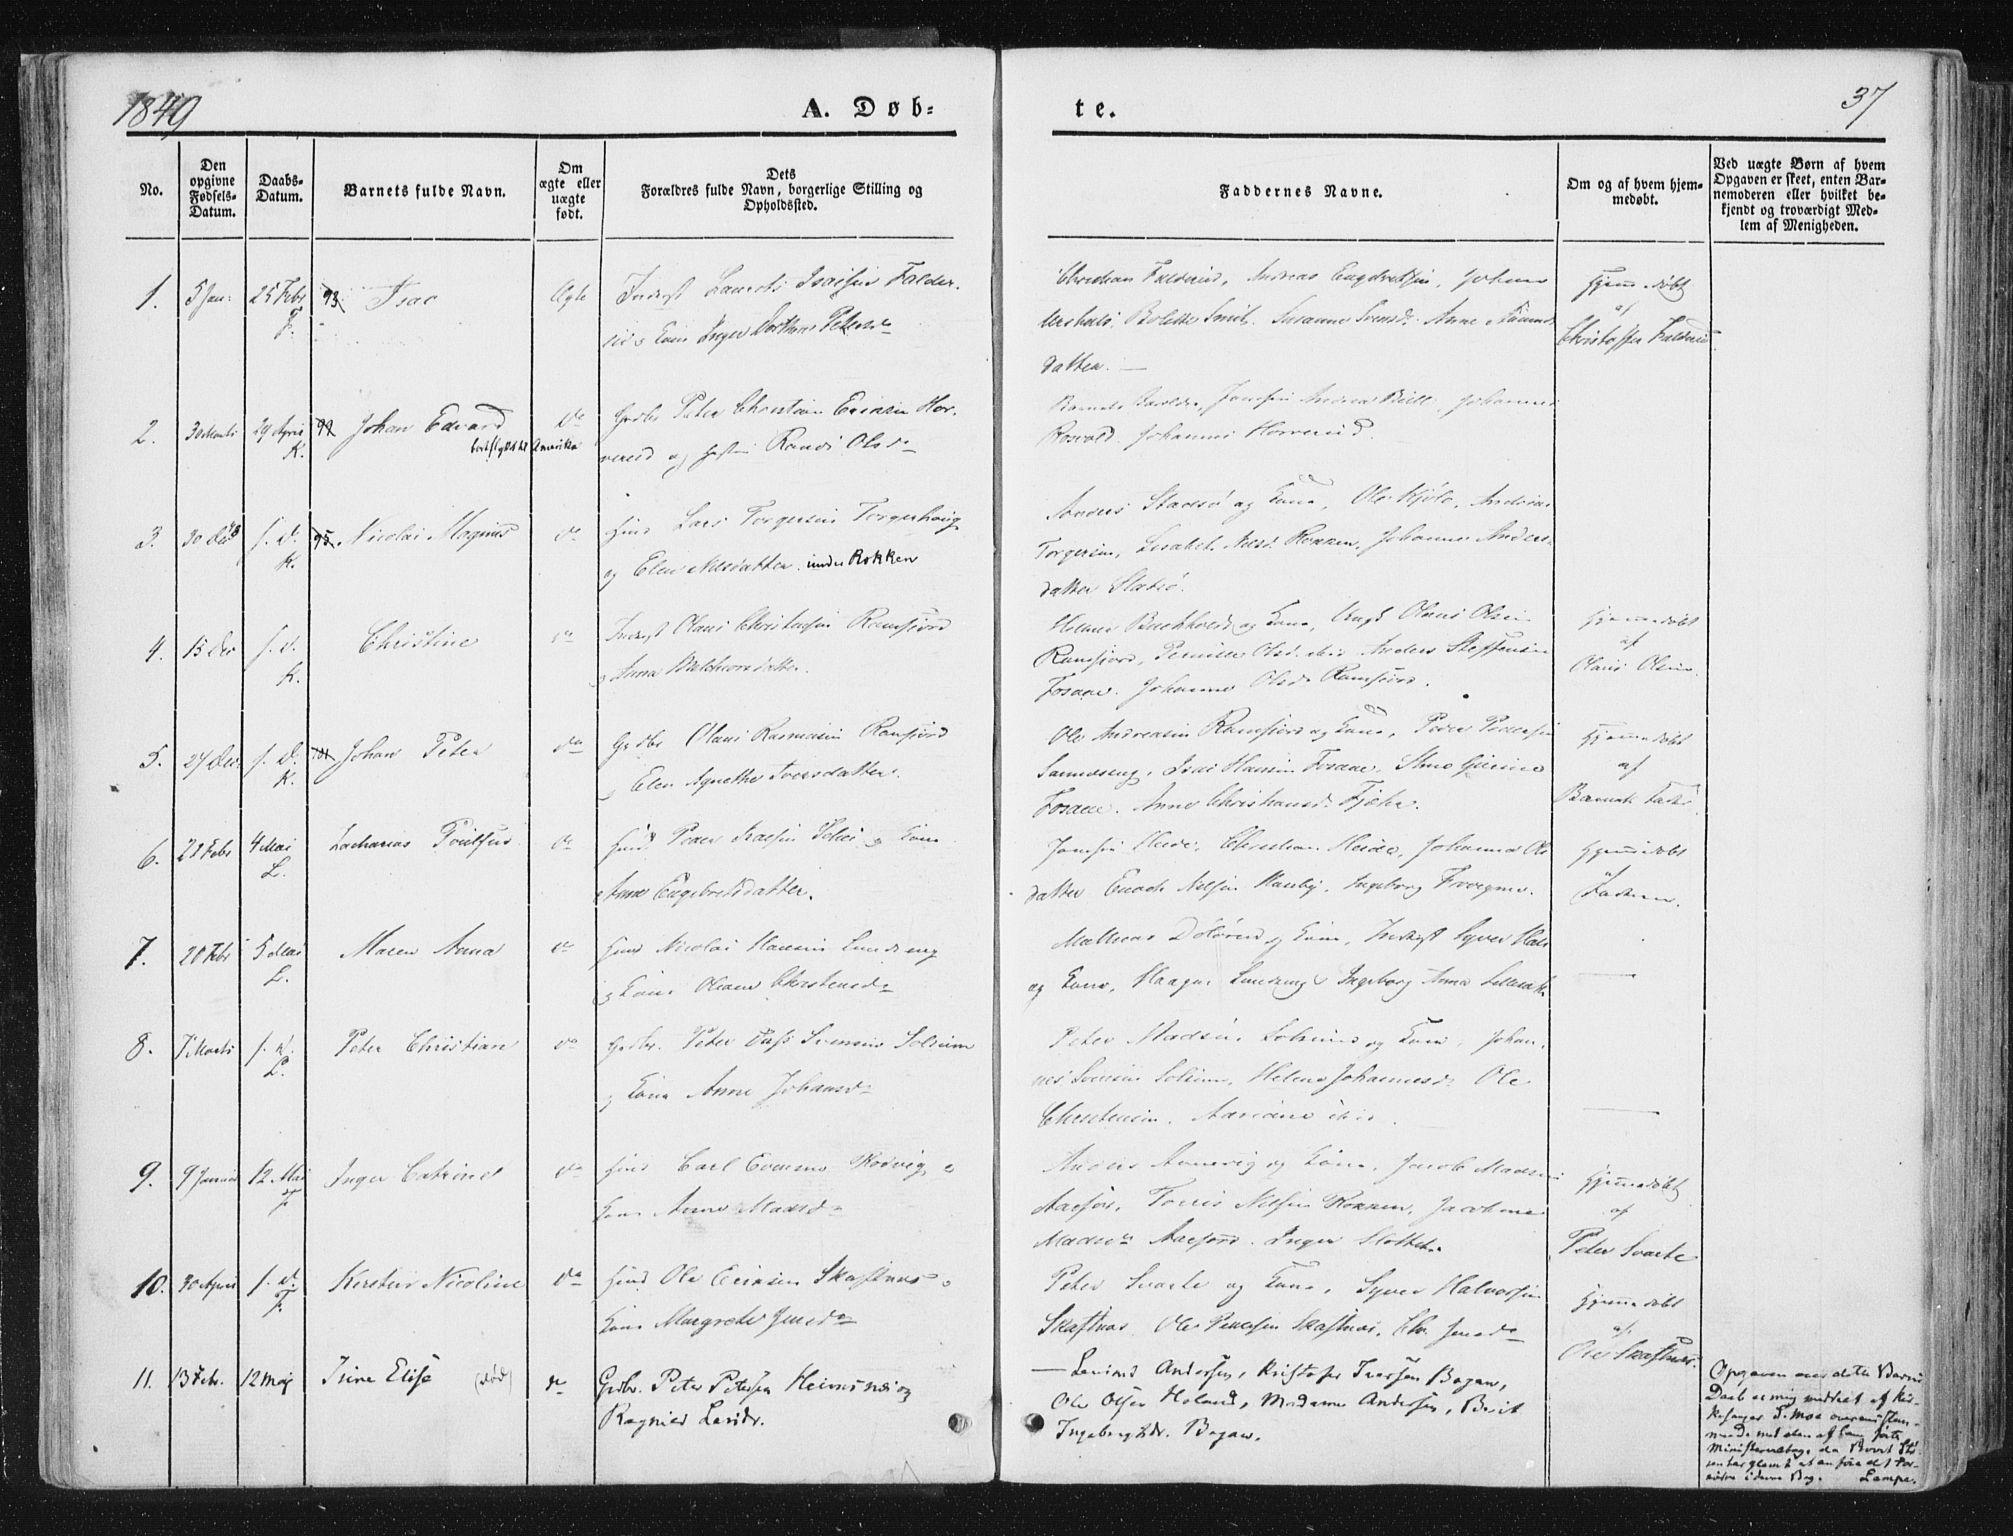 SAT, Ministerialprotokoller, klokkerbøker og fødselsregistre - Nord-Trøndelag, 780/L0640: Ministerialbok nr. 780A05, 1845-1856, s. 37